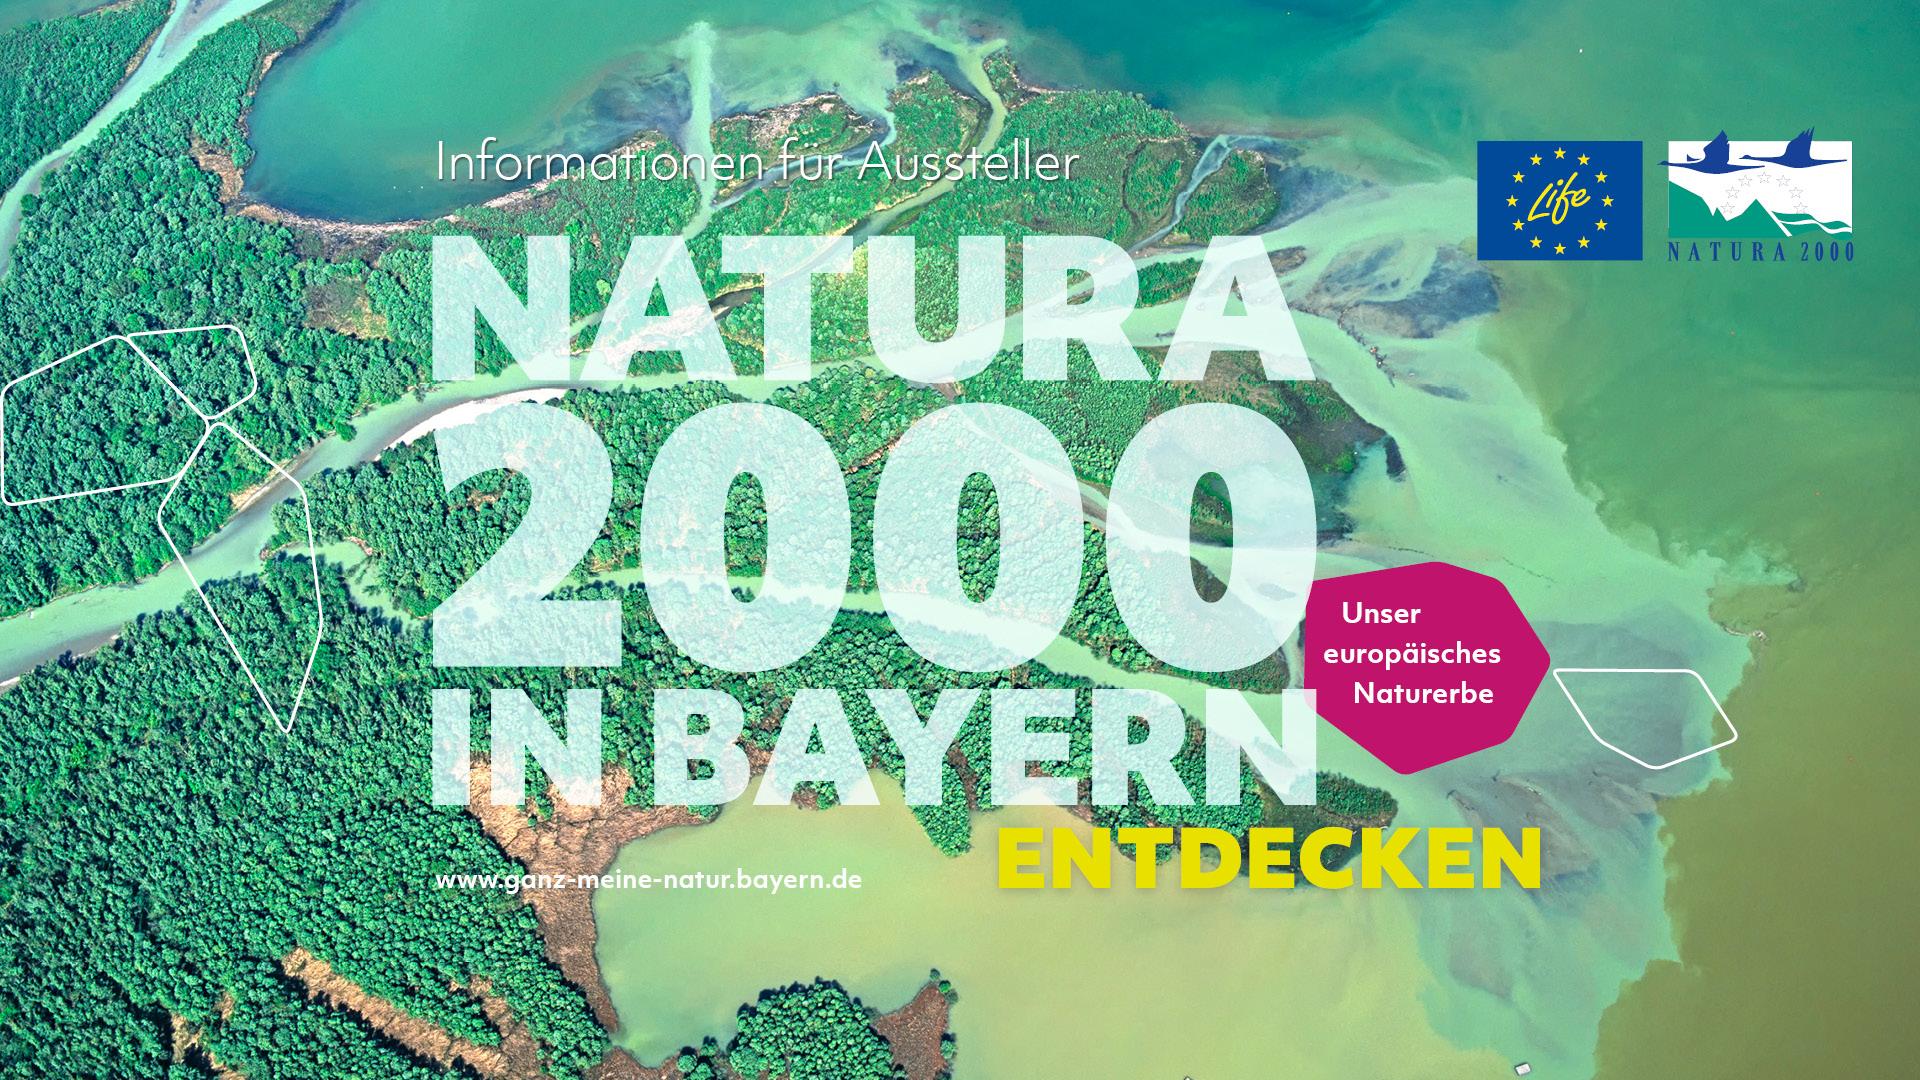 """Im Hintergrund ist das türkisgrüne Delta des Flusses Tiroler Achen, der in den Chiemsee mündet, zu sehen. Oben rechts sind die Logos des LIFE-Programms und von Natura 2000 zu sehen. Unten rechts befinden sich zwei Waben, eine mit violettem Hintergrund und der Aufschrift """"Unser europäisches Naturerbe"""" und eine mit einem Bild von Alexander Huber."""